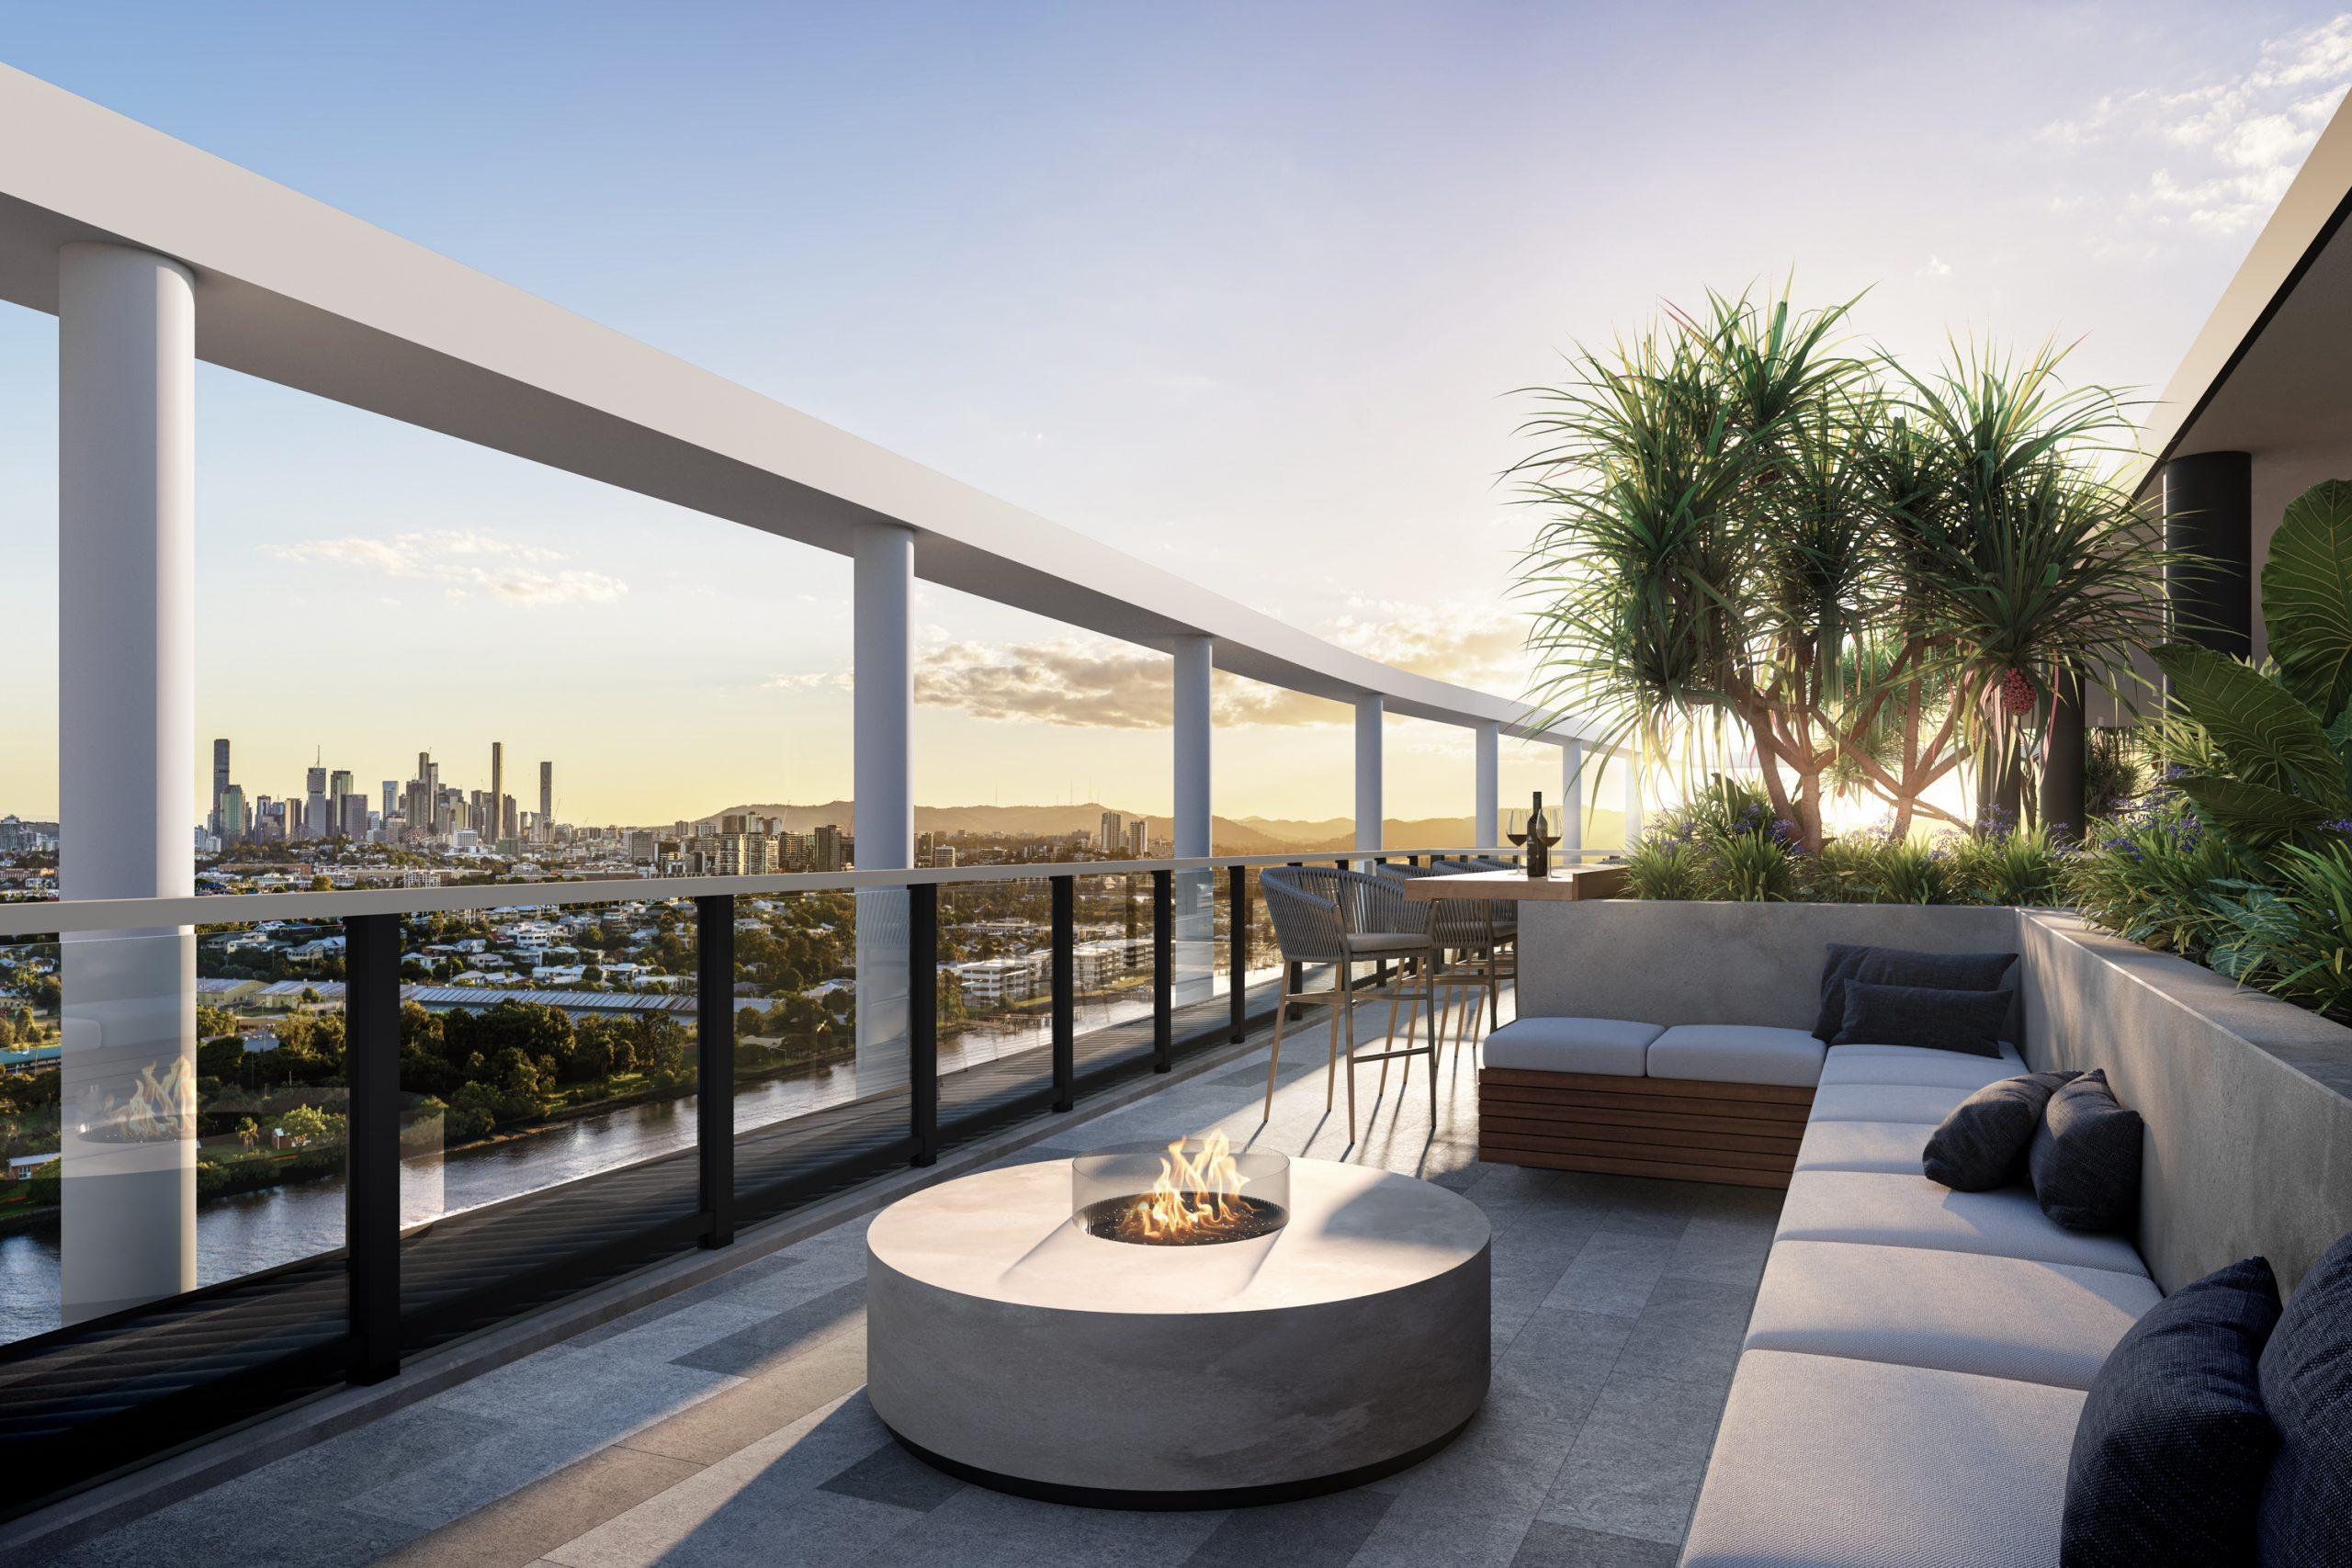 Rivello-queensland-render-3d-fkd-studio-architecture-luxury-rooftop-design